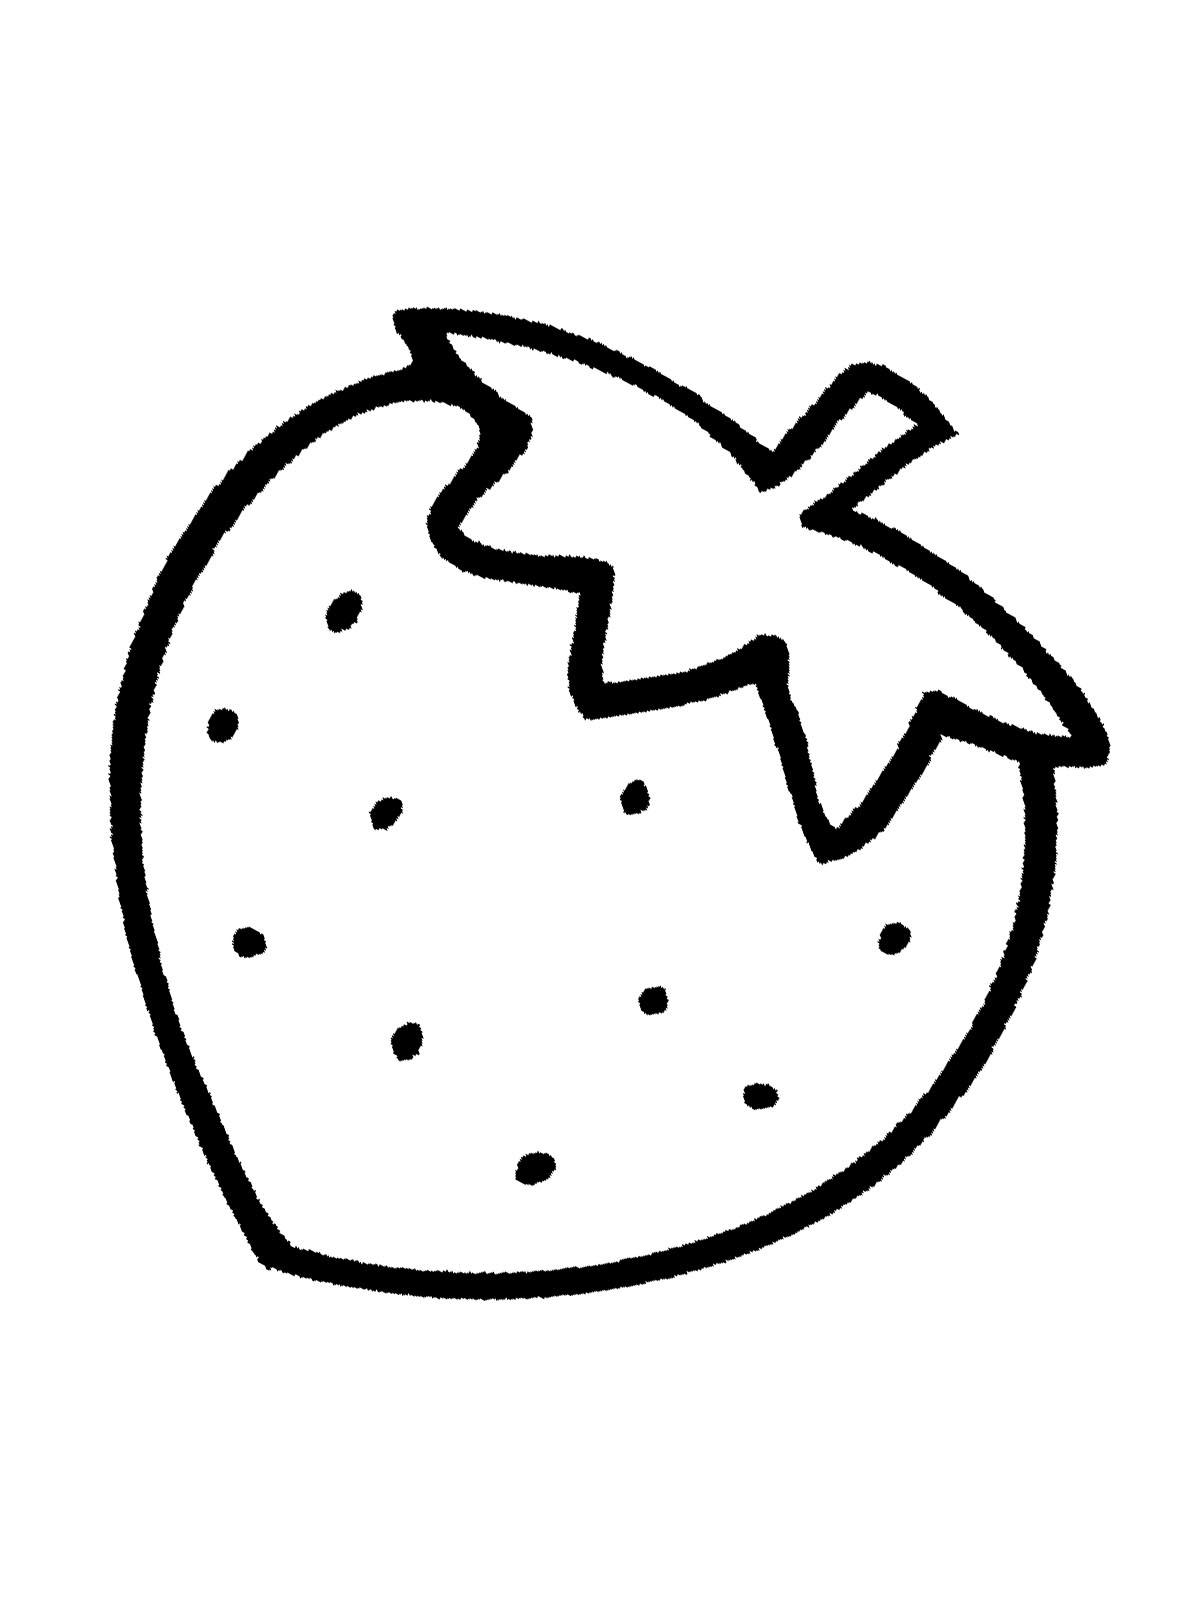 Malvorlage Erdbeere - kinderbilderdownload kinderbilder